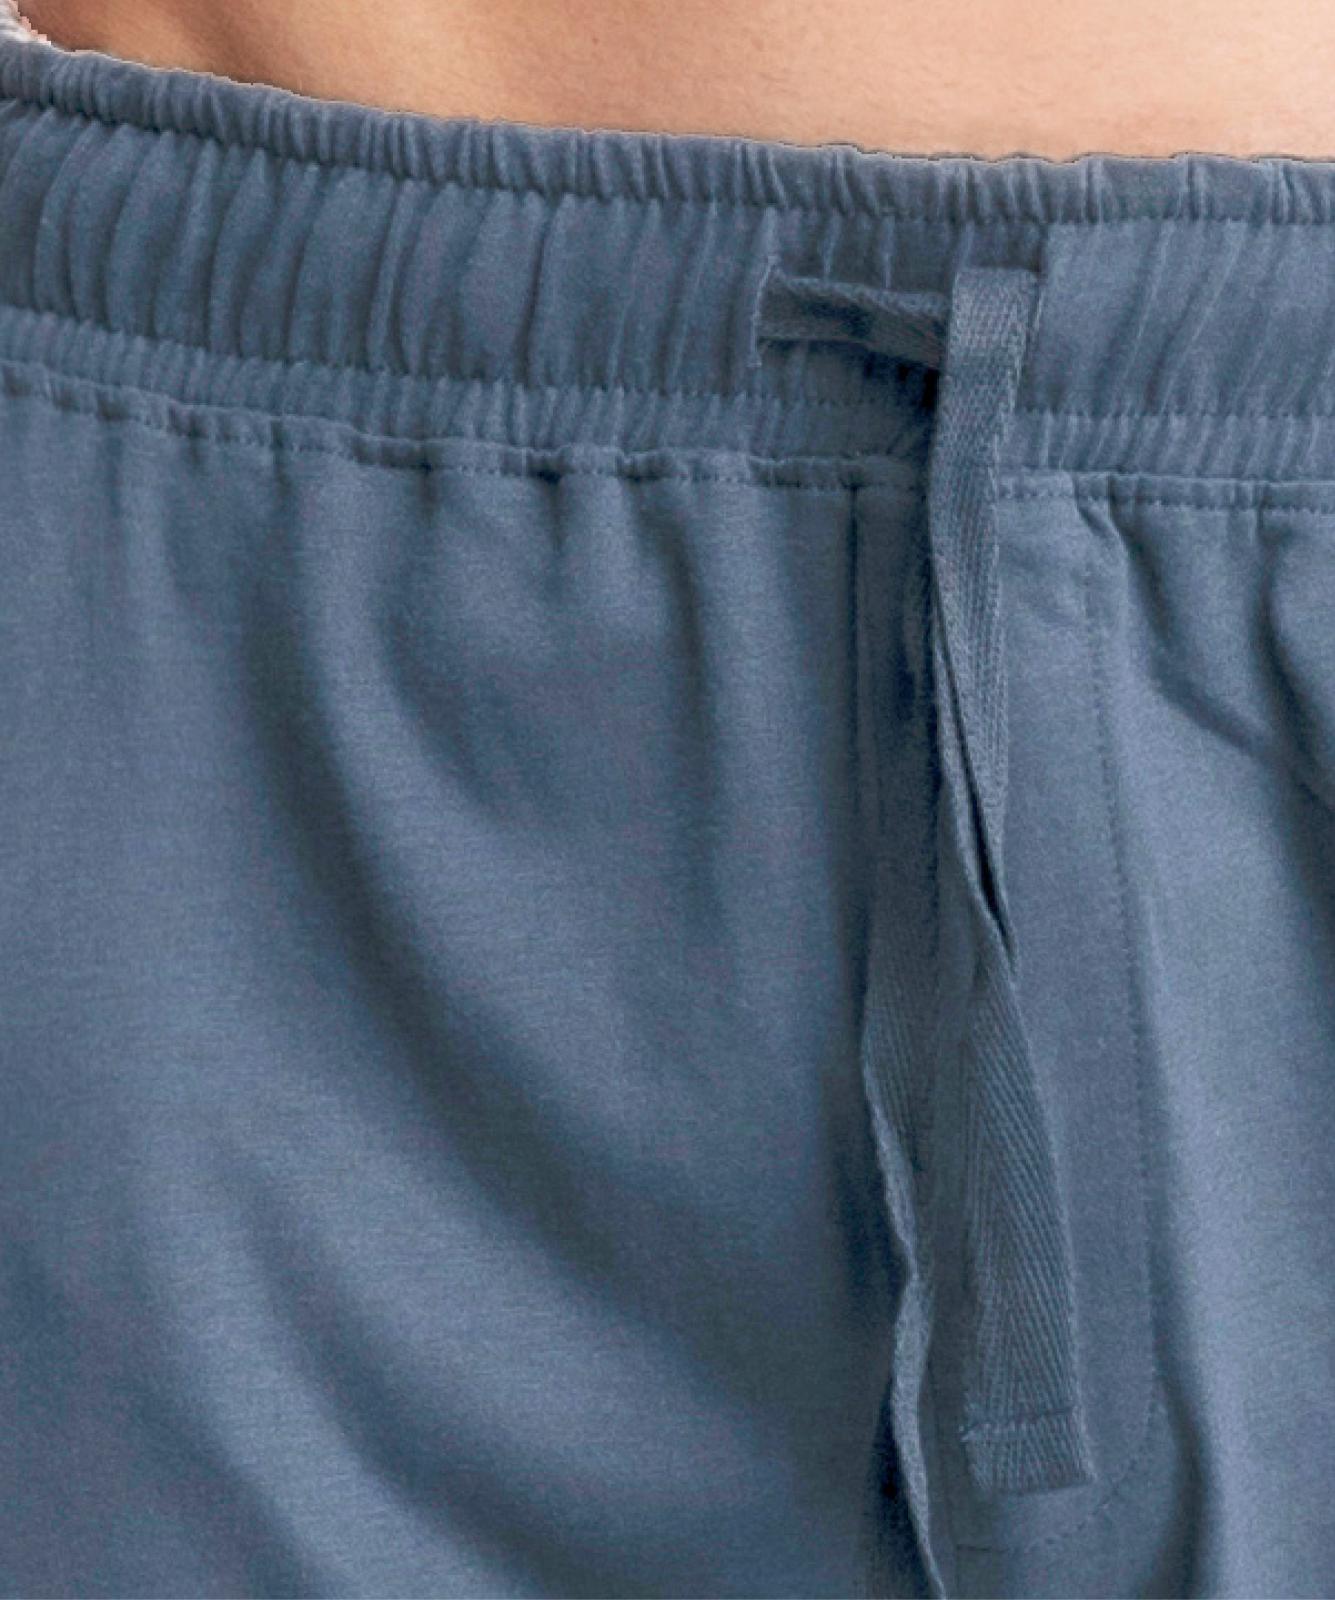 Мужские штаны пижамные Atlantic, 1 шт. в уп., хлопок, деним, NMB-040